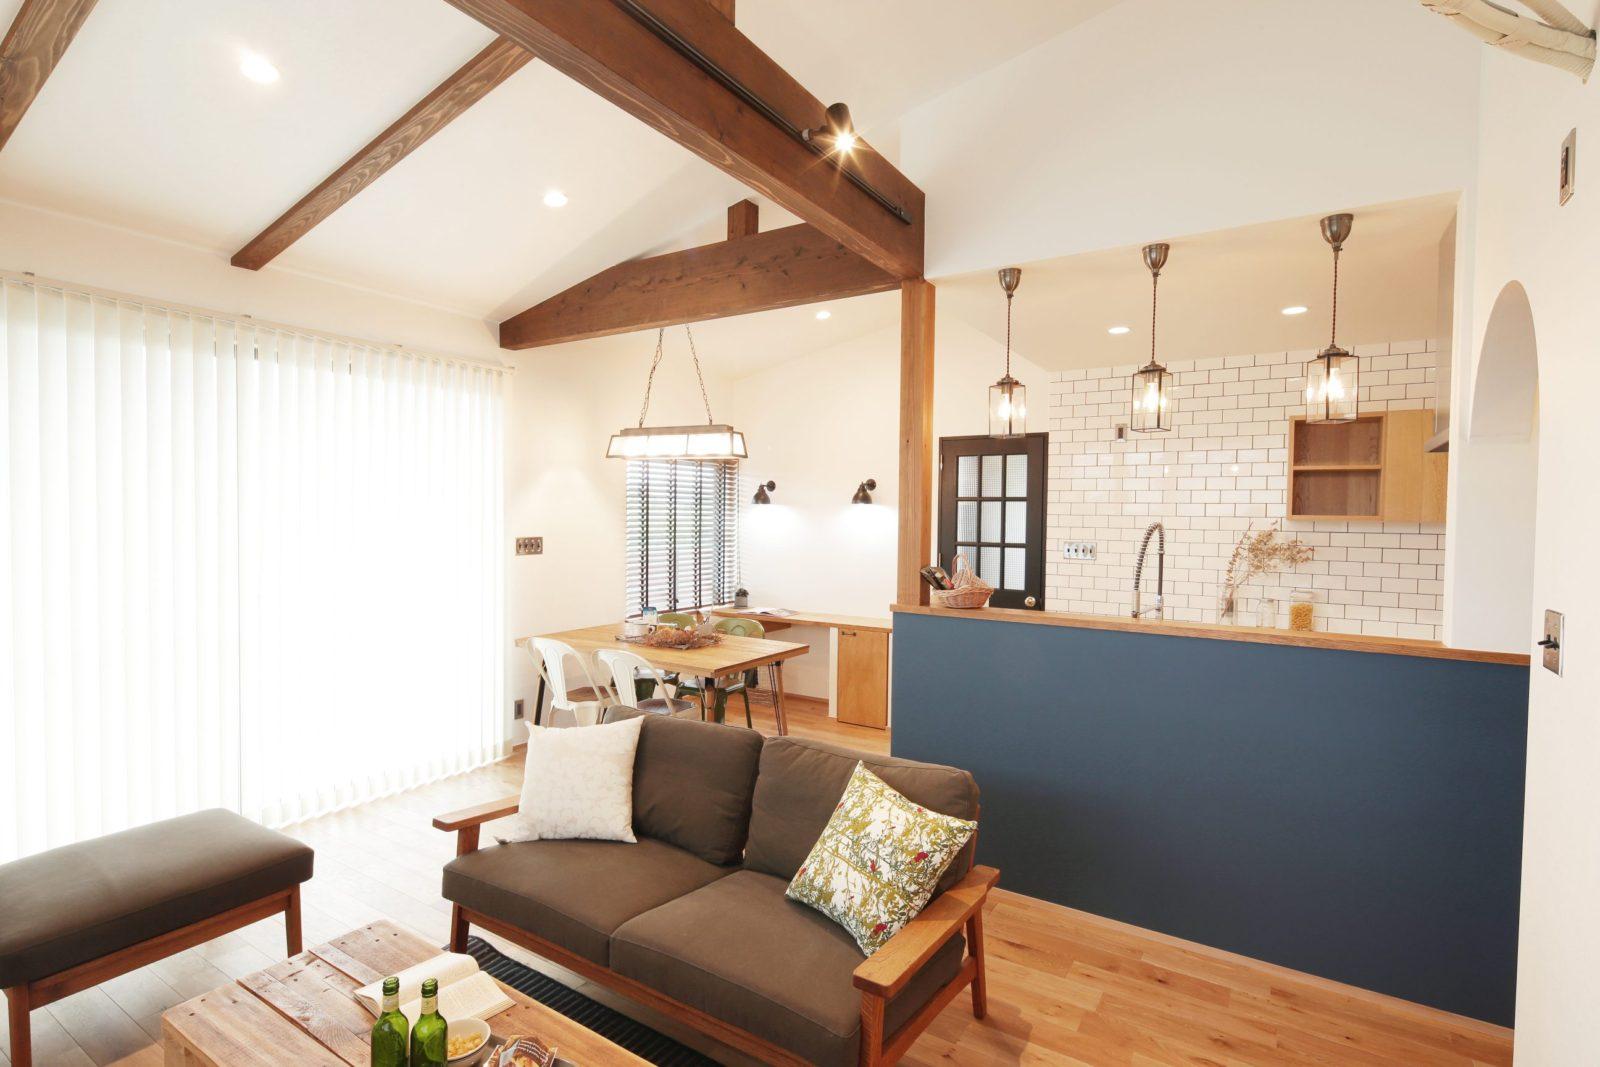 鹿児島市東谷山でオープンハウス 三角屋根の家